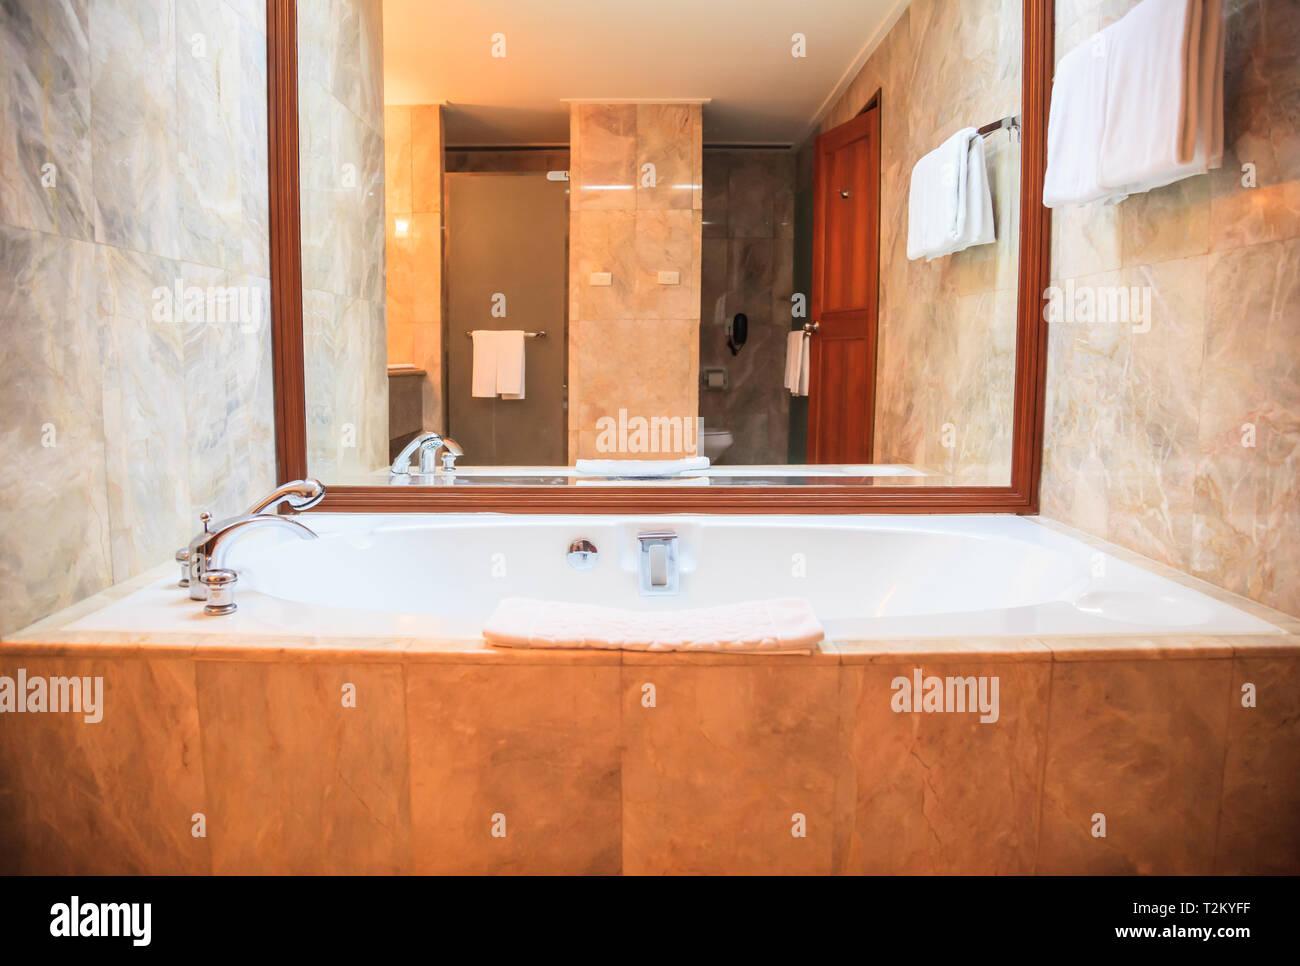 Hygienische moderner Luxus Badezimmer Design Hintergrund ...